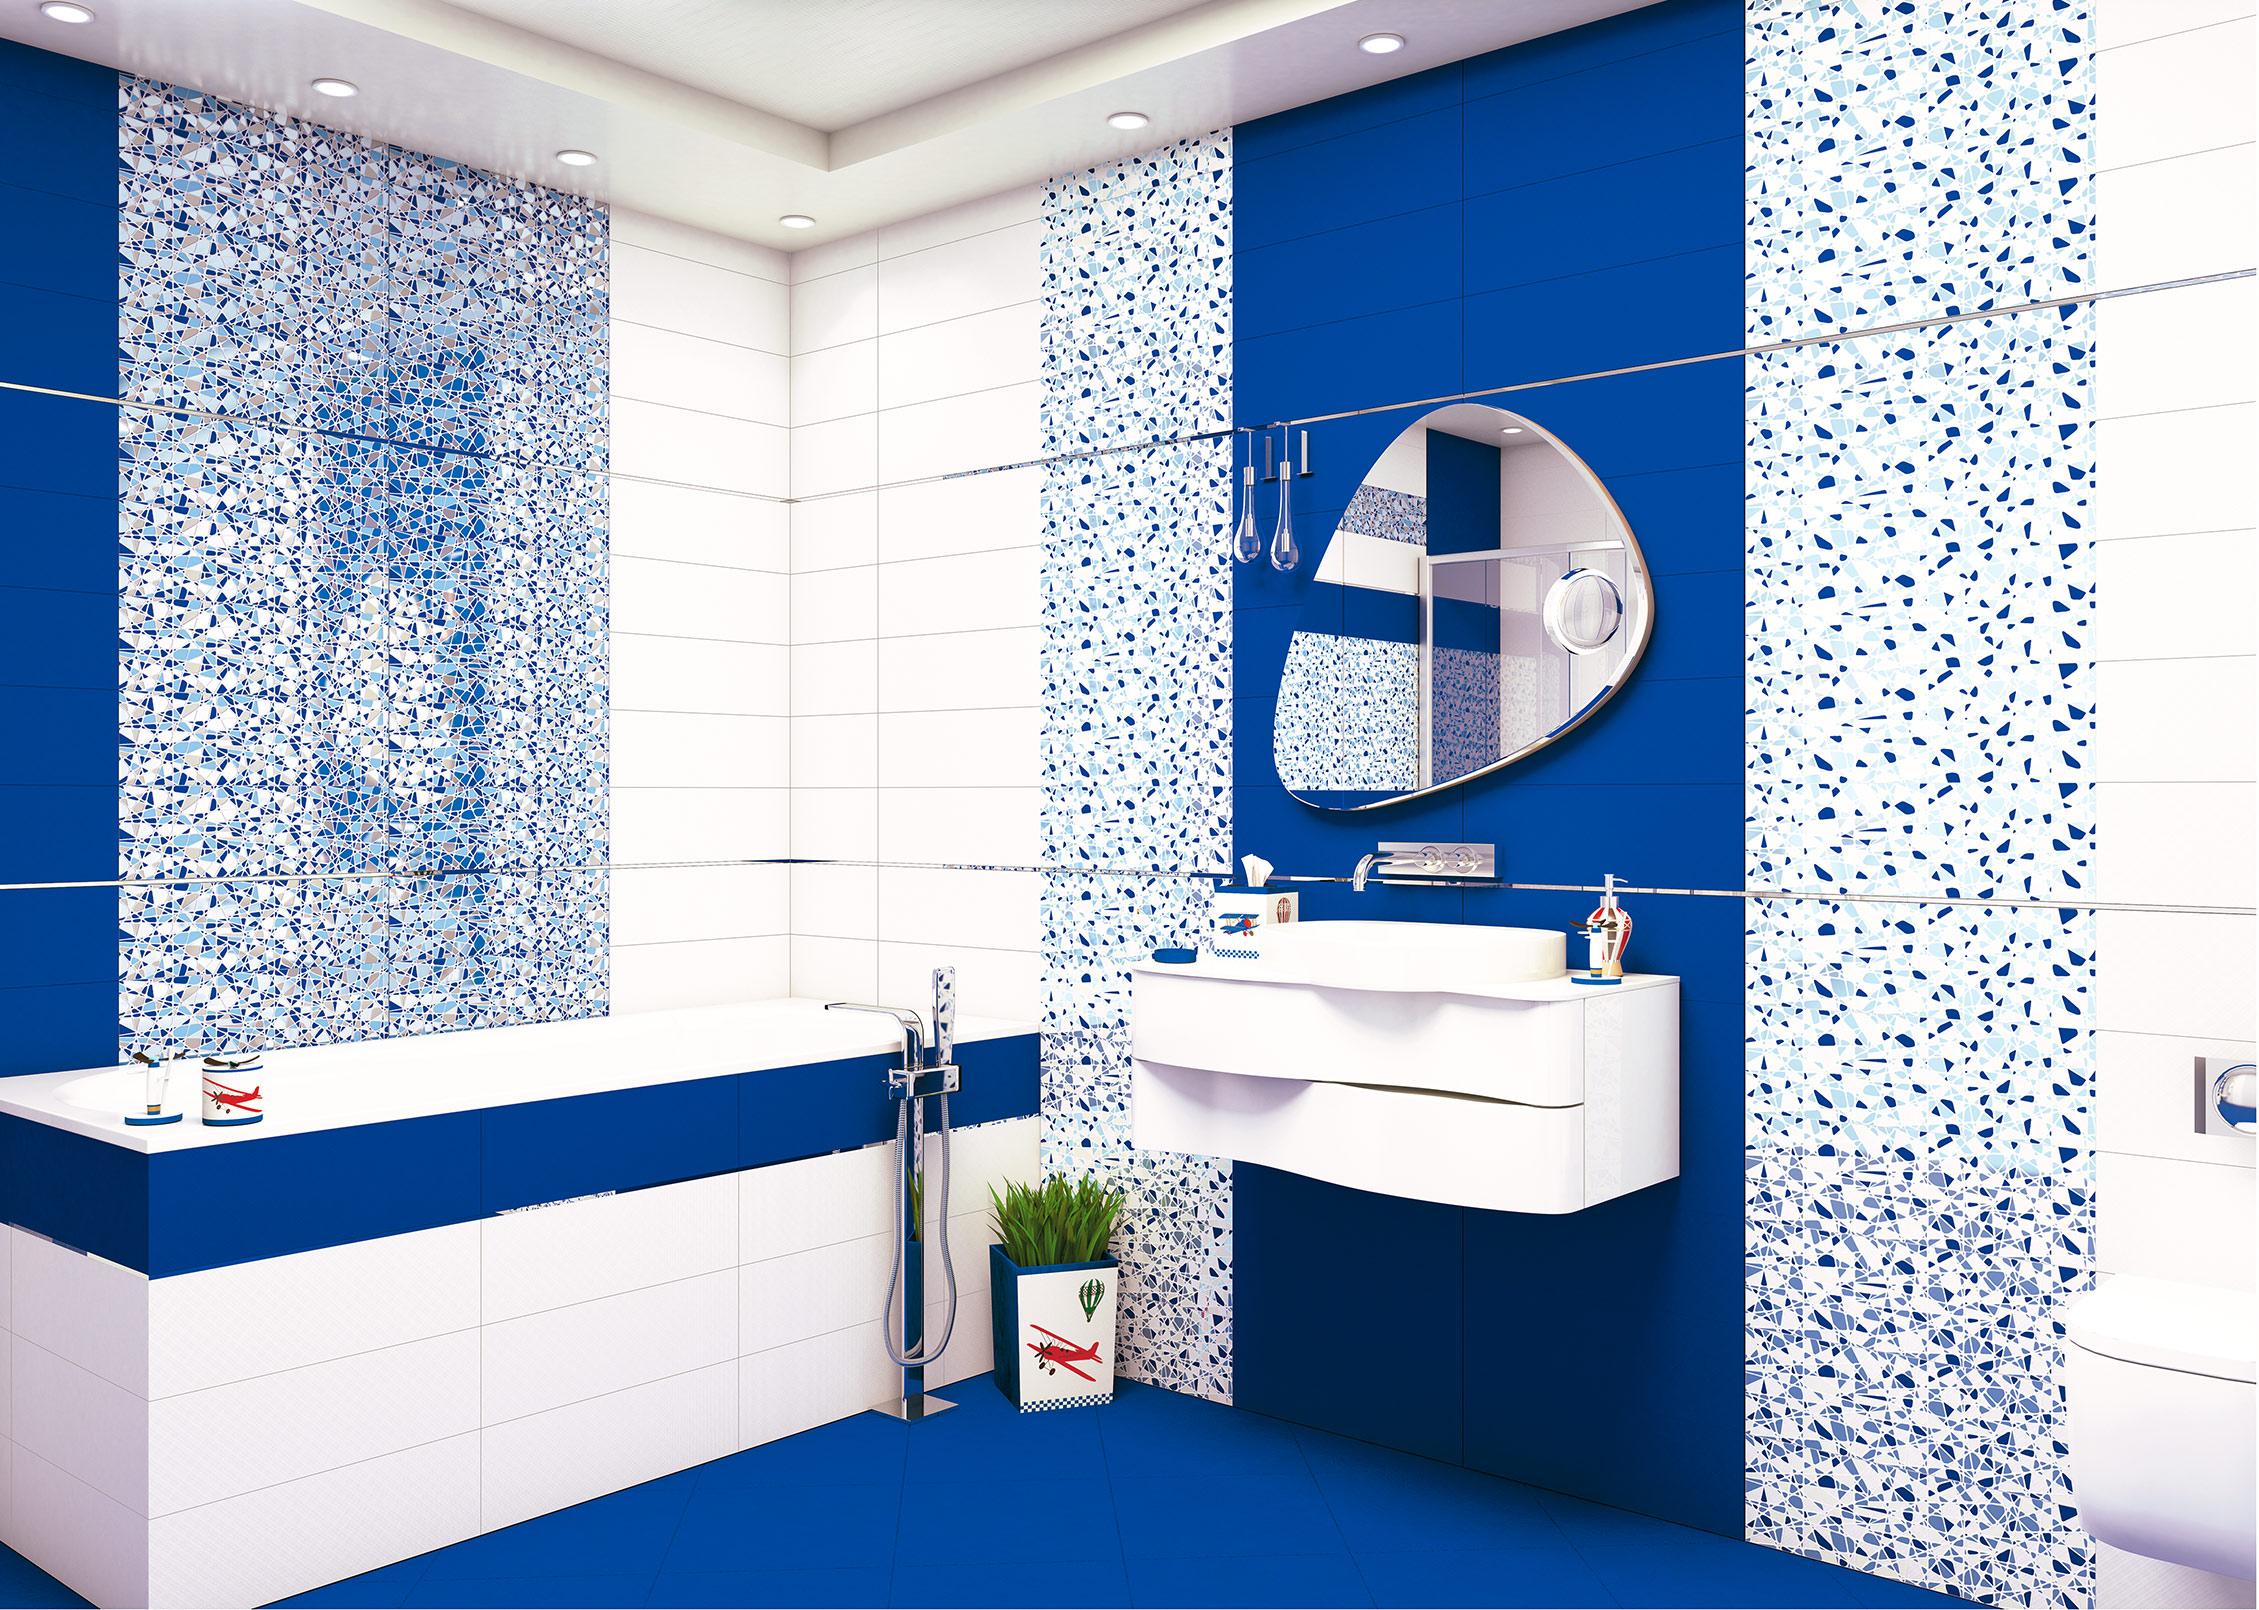 Керамическая плитка калейдоскоп керама марацци подойдет для ванной комнаты, кухонного фартука или прихожей.